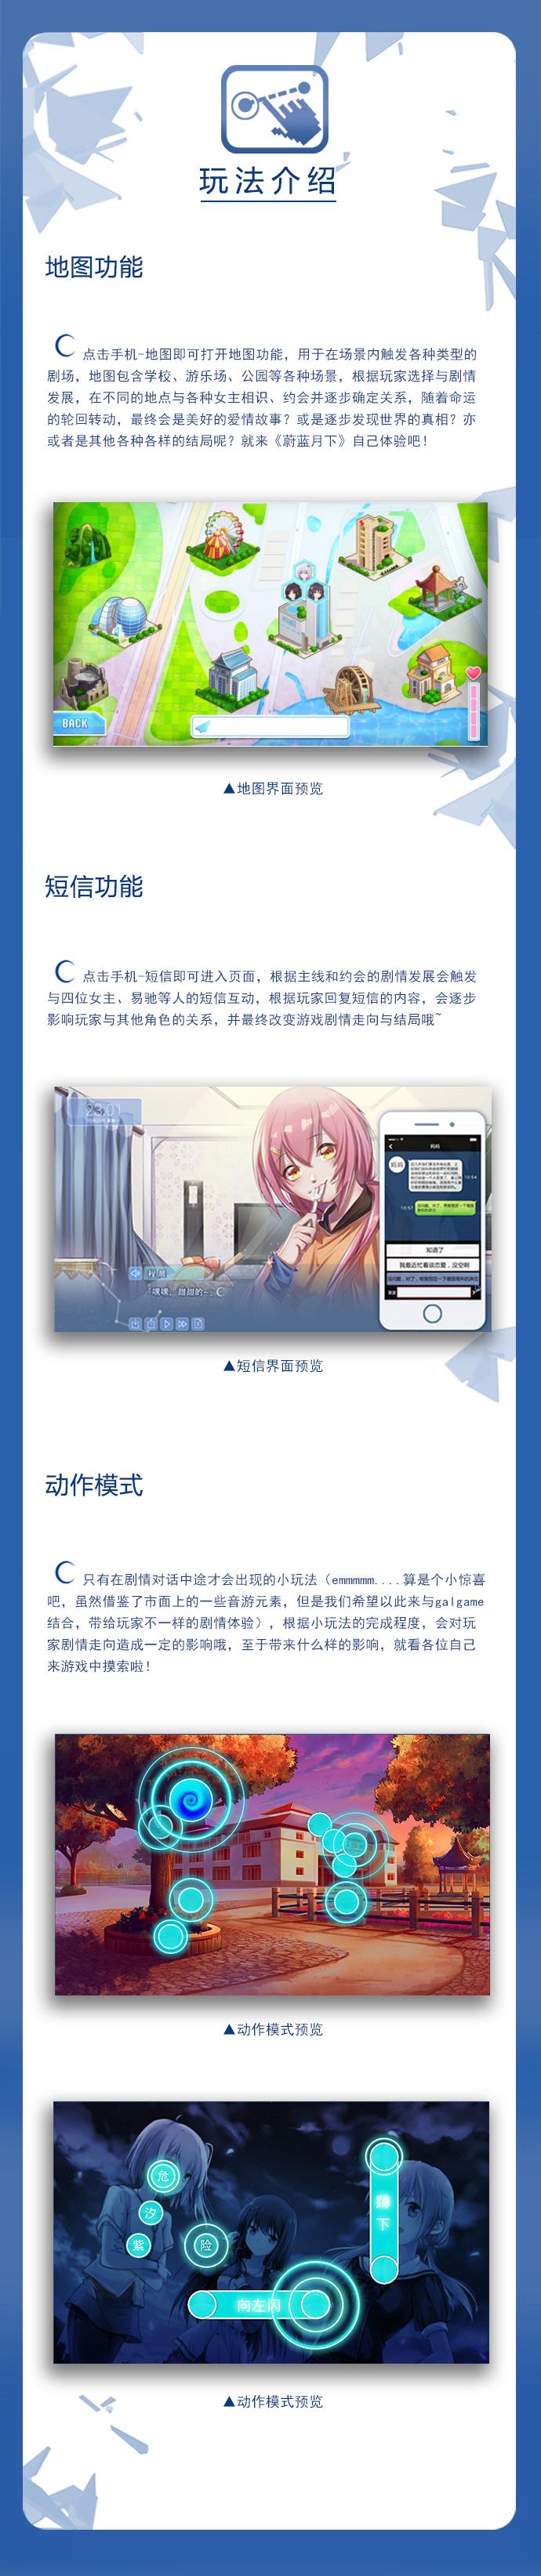 蔚蓝宣图玩法介绍.jpg